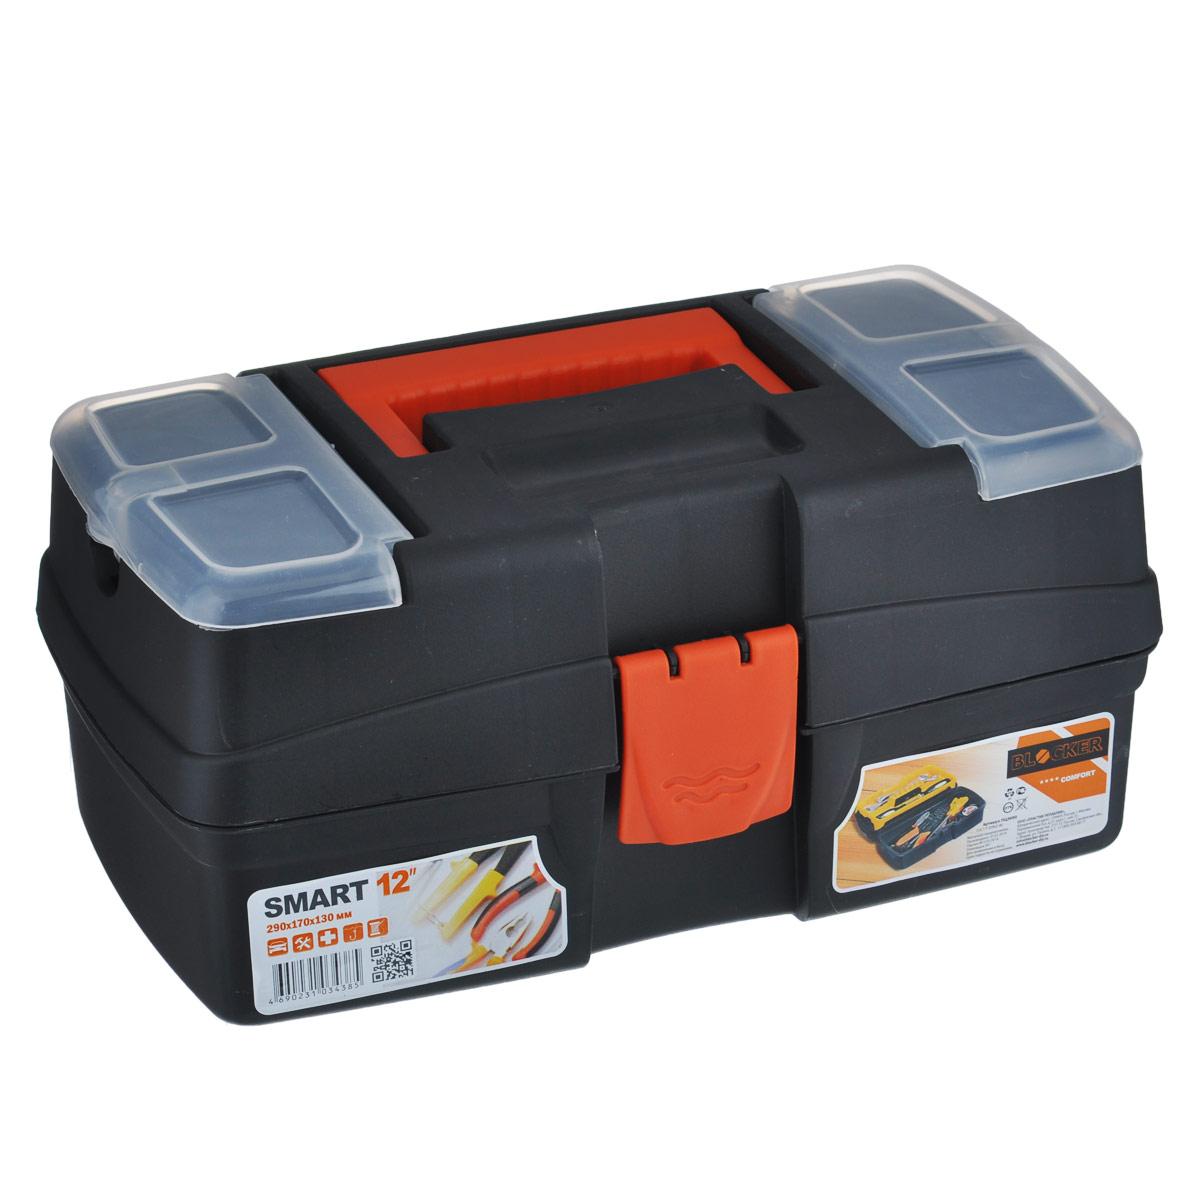 Ящик для инструментов Blocker Smart, с органайзером, цвет: черный, красный, 29 х 17 х 13 смПЦ3690Ящик Blocker Smart выполнен из прочного пластика и предназначен для хранения инструментов. Изделие оснащено ручкой для удобной переноски. В комплект входит небольшой съемный органайзер.Сверху на ящике расположены две секции с прозрачными крышками. Все крышки плотно закрываются на защелки.